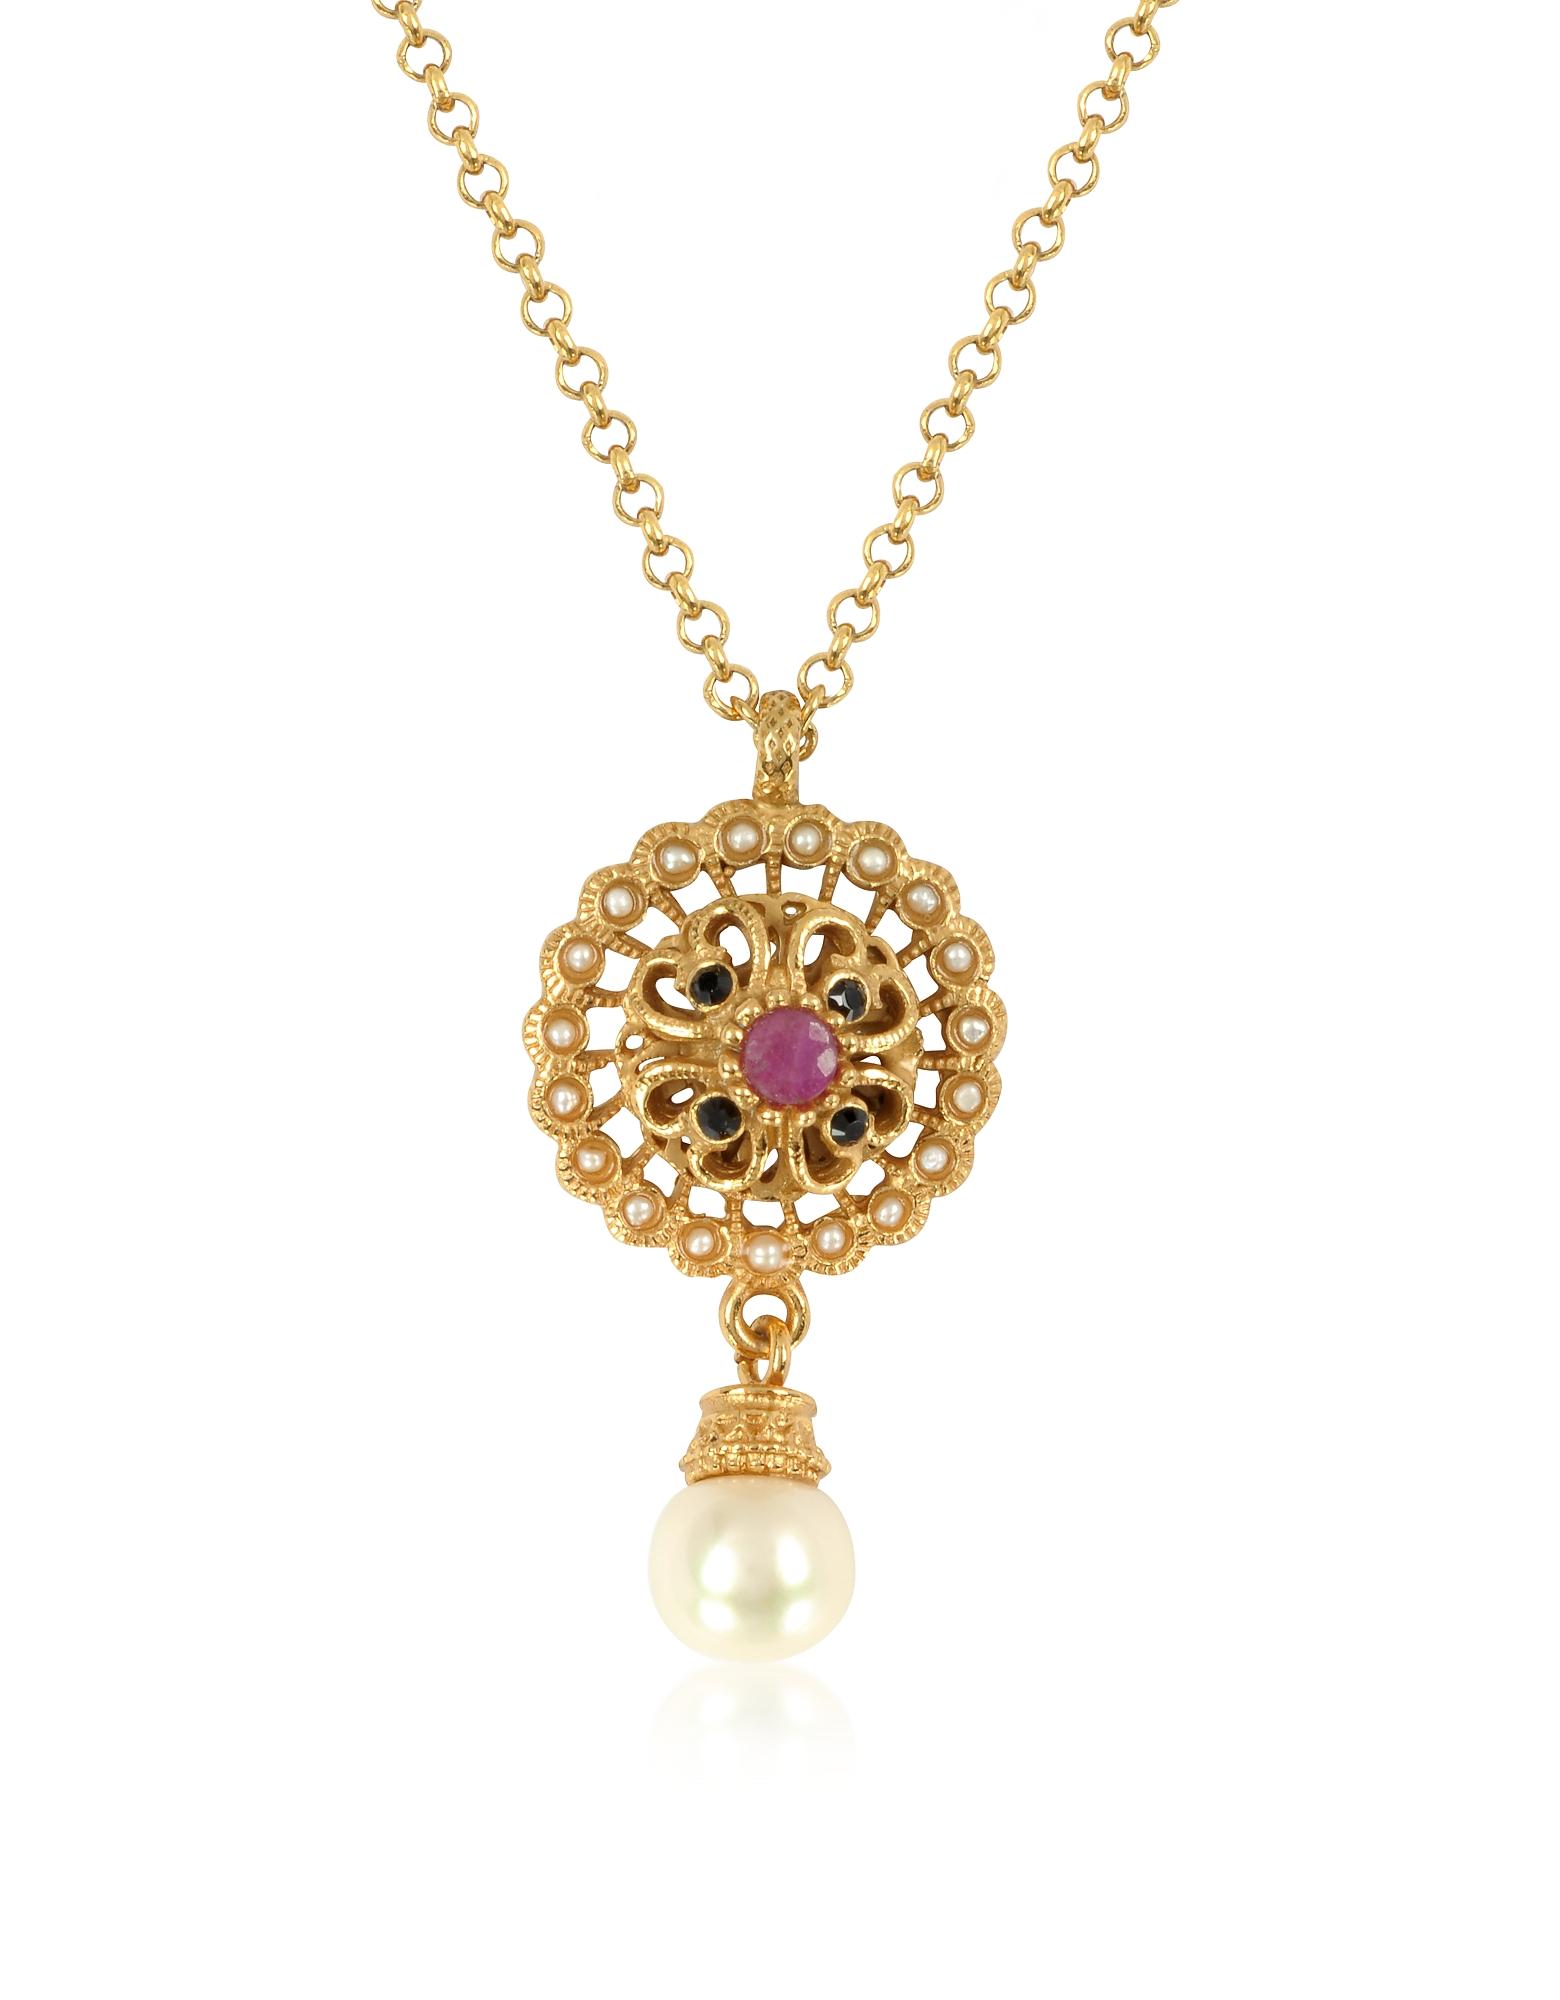 Alcozer & J Necklaces, Mandala Necklace w/Pearl & Gemstones